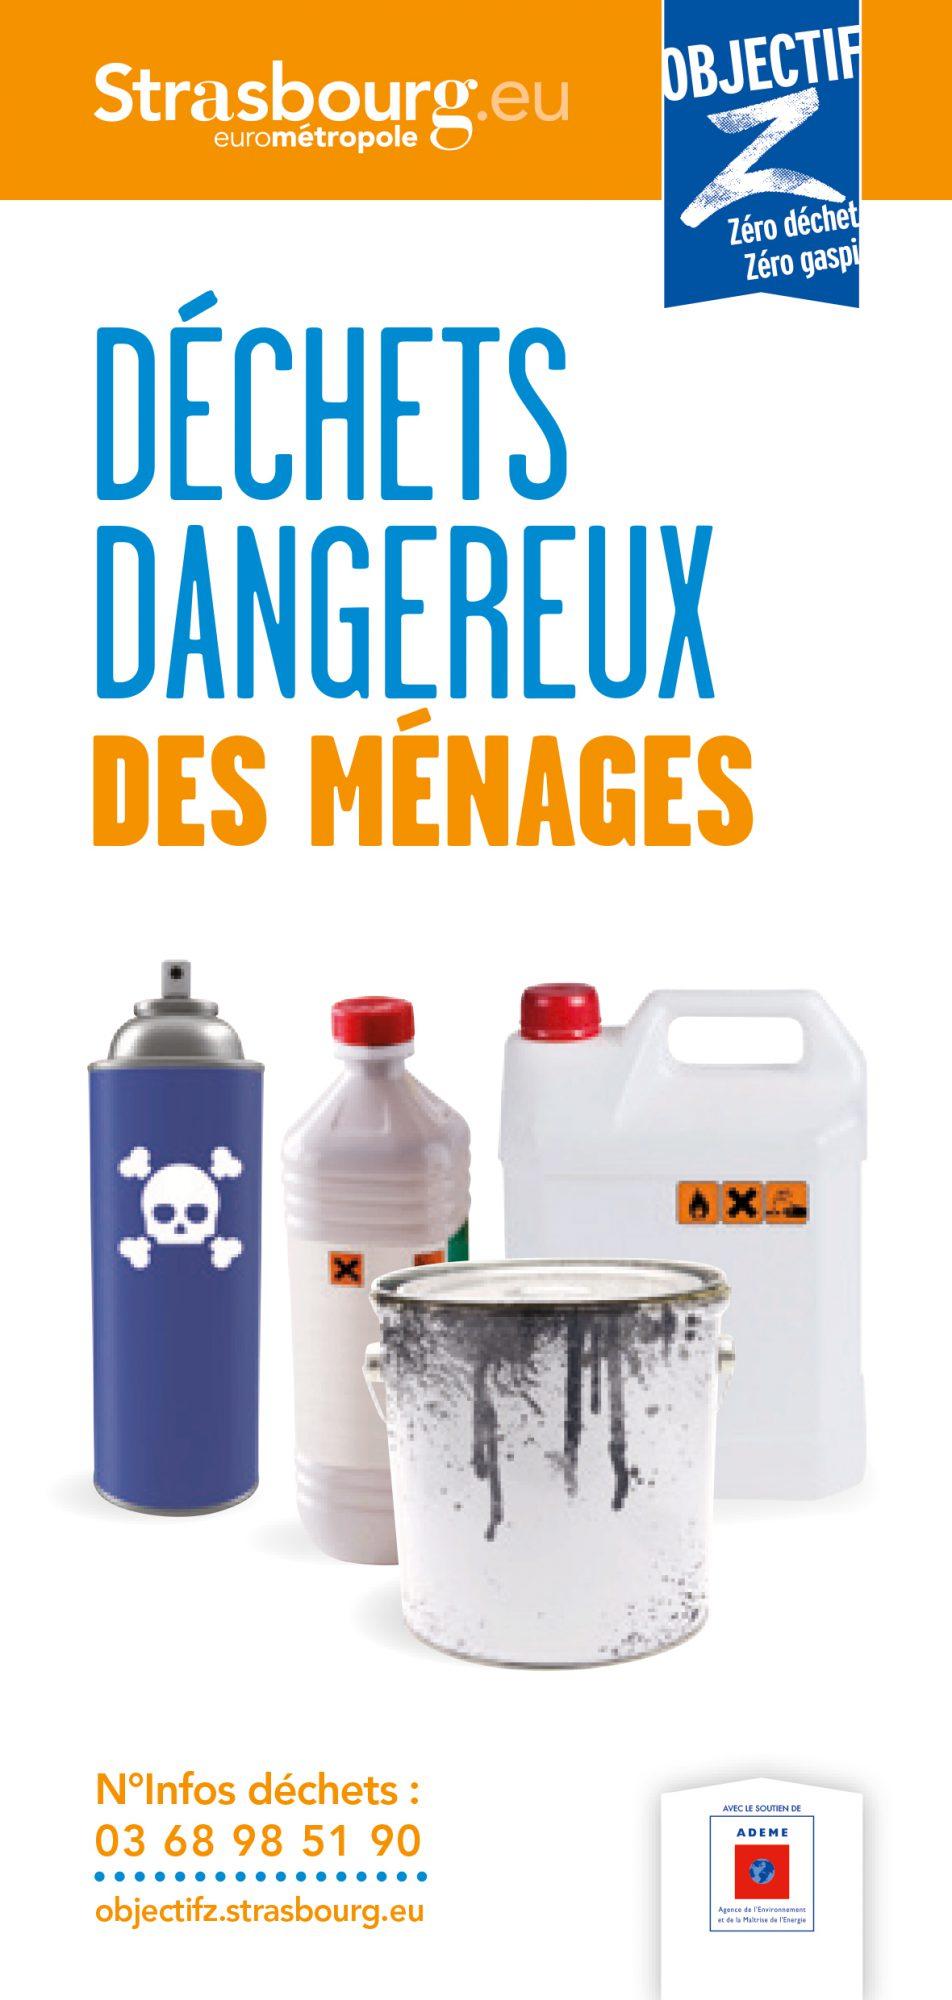 dechets-dangereux-menages